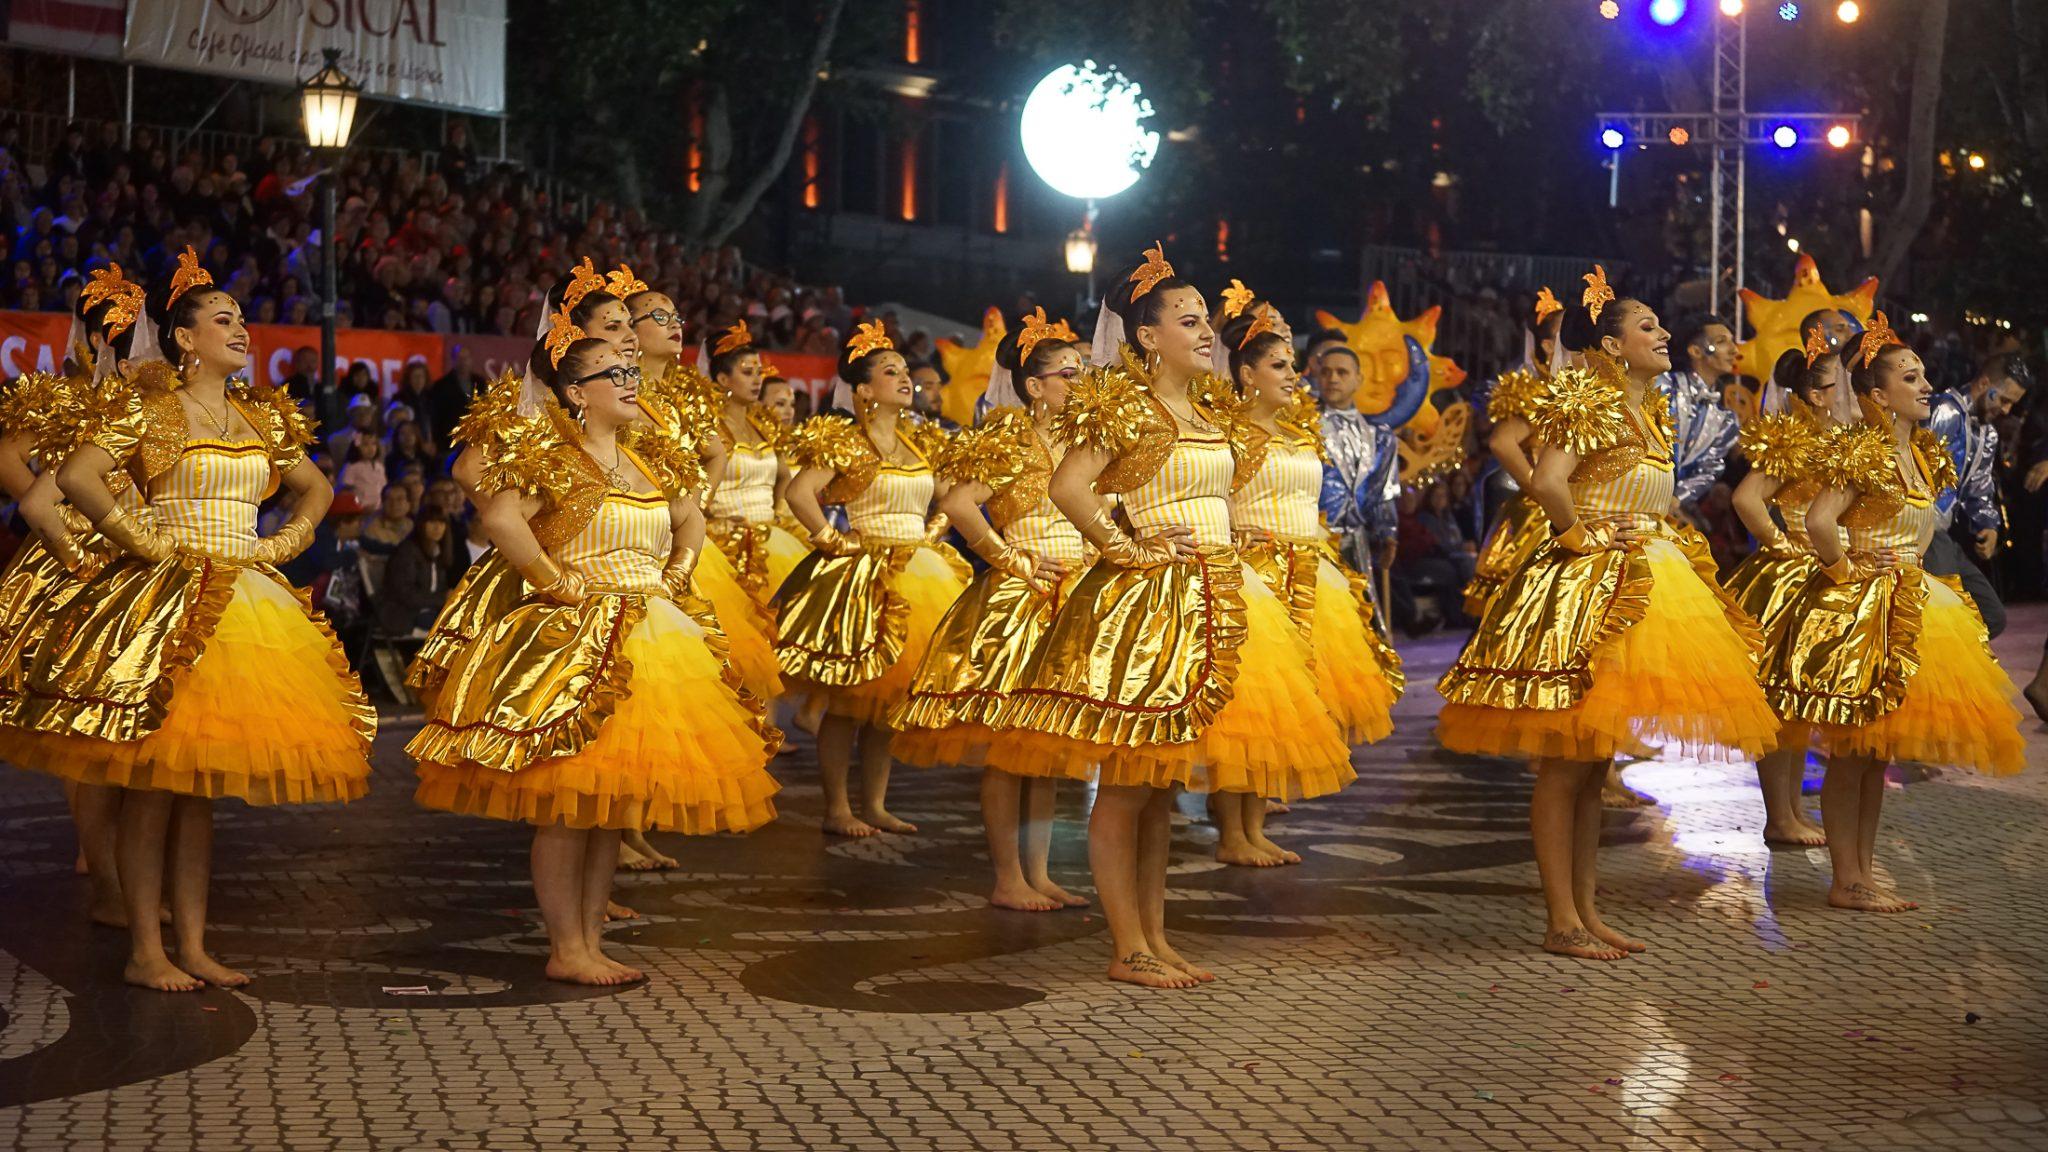 De lado para o observador, um grupo de mulheres vestida de saia e corpete amarelo e dourado sorri de mãos na cintura. O ambiente é nocturno e iluminado com holofotes